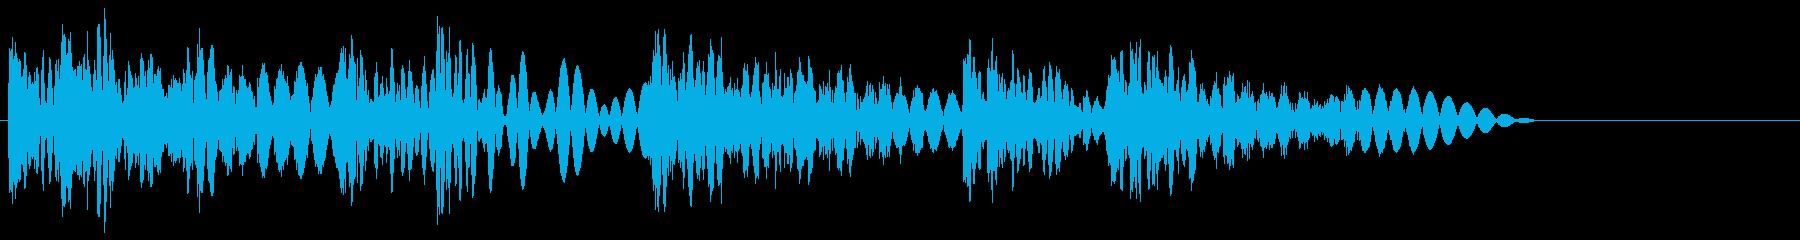 ボコボコッビシバシ(ラッシュ攻撃)の再生済みの波形